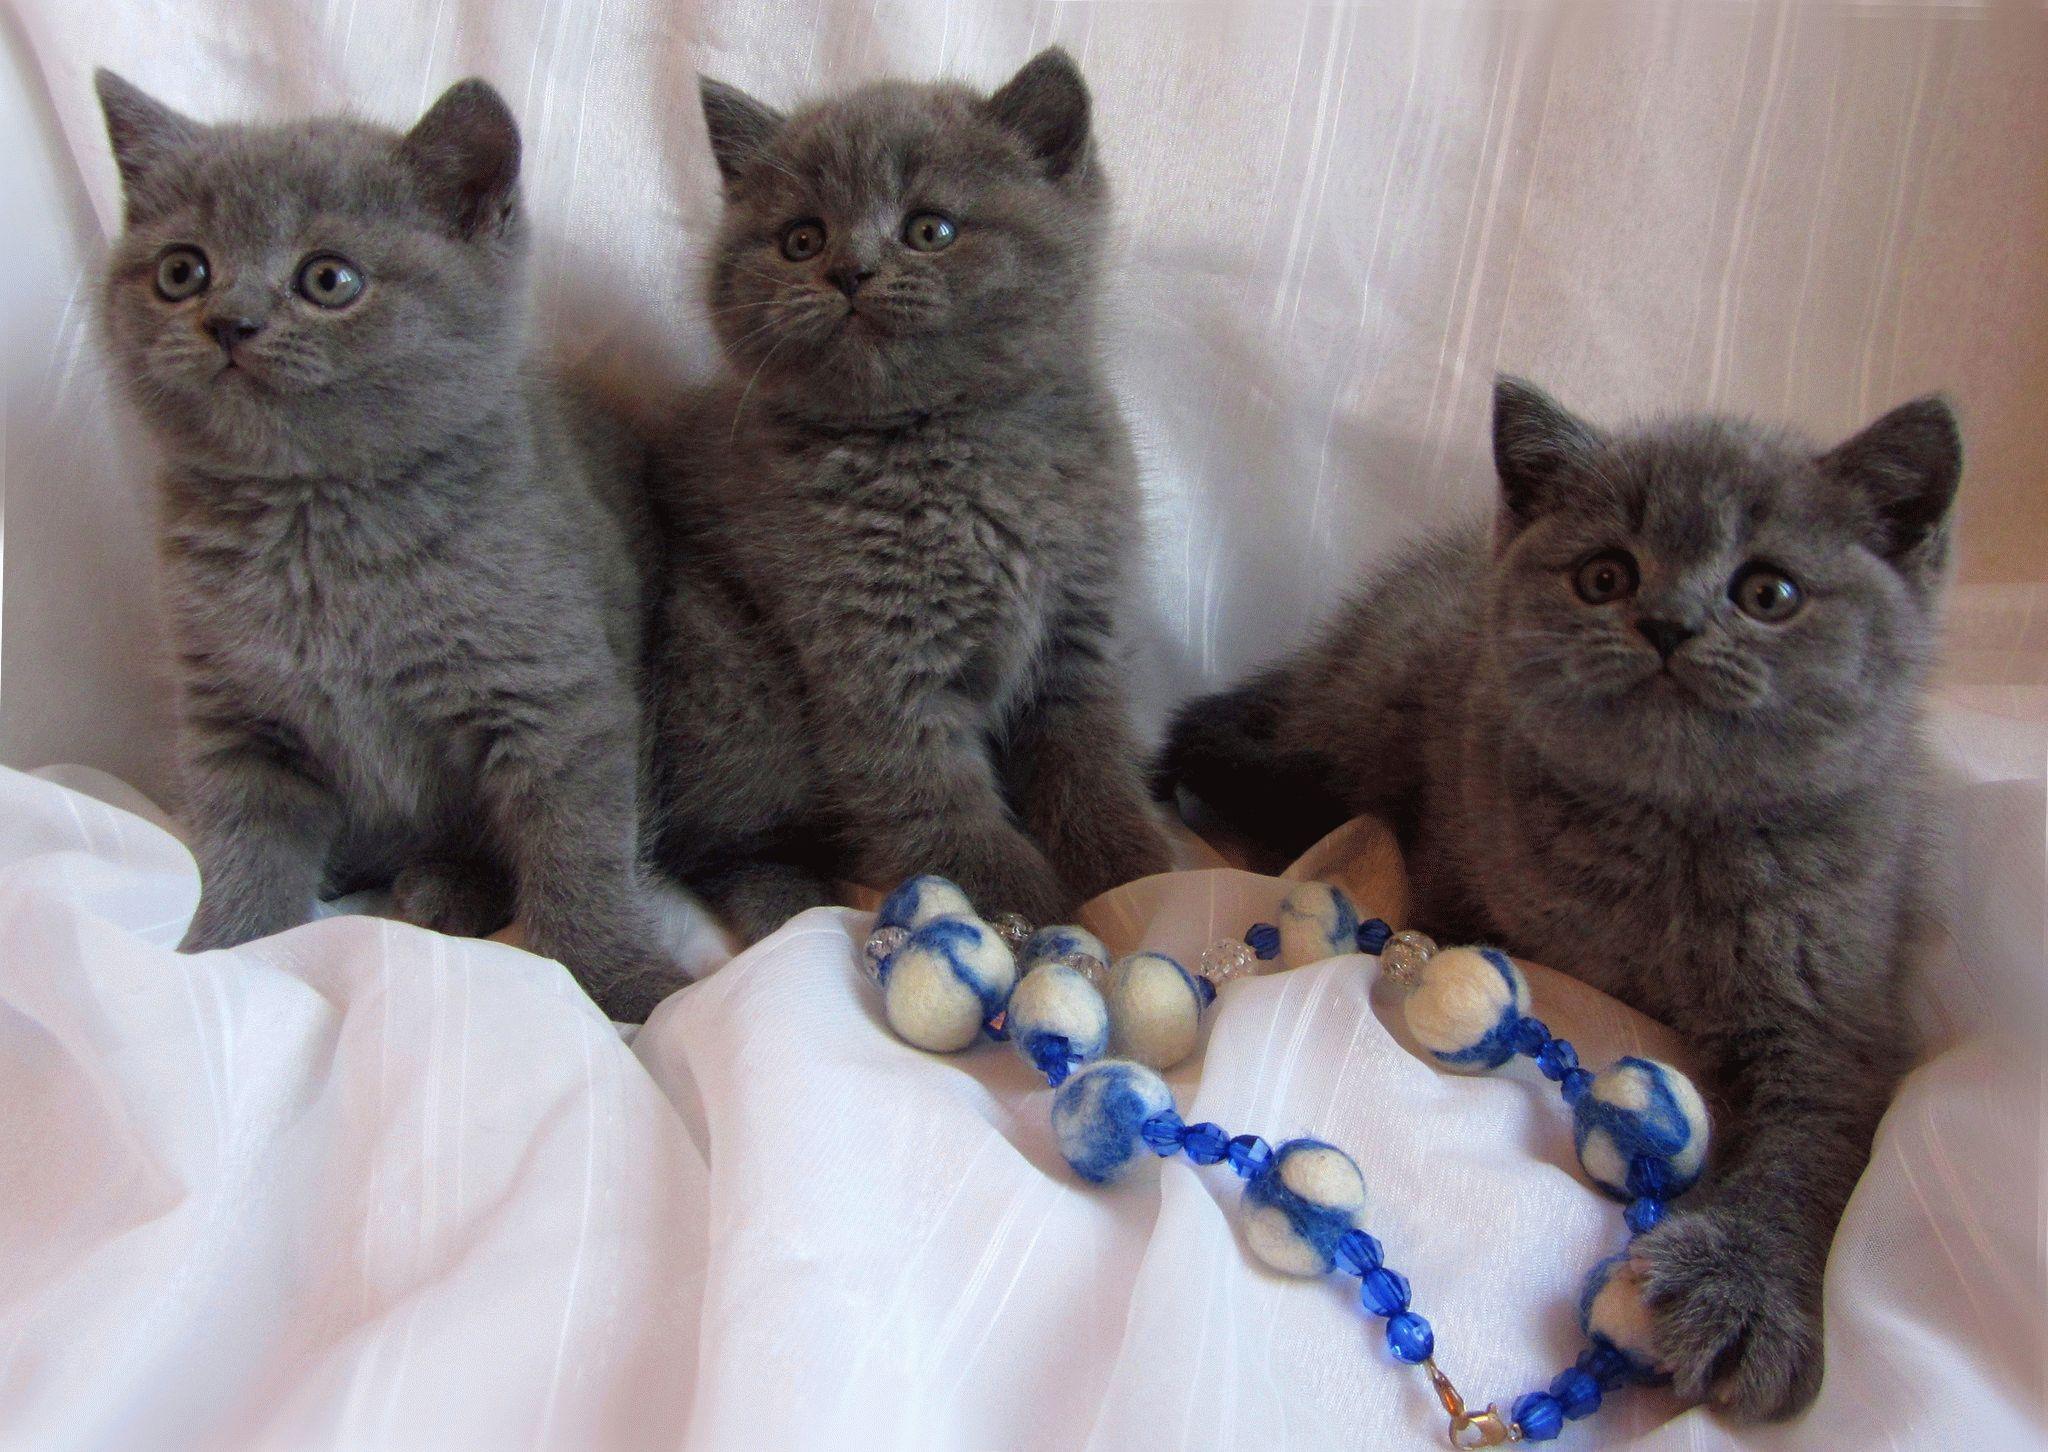 Вислоухие британцы коты фото голубые